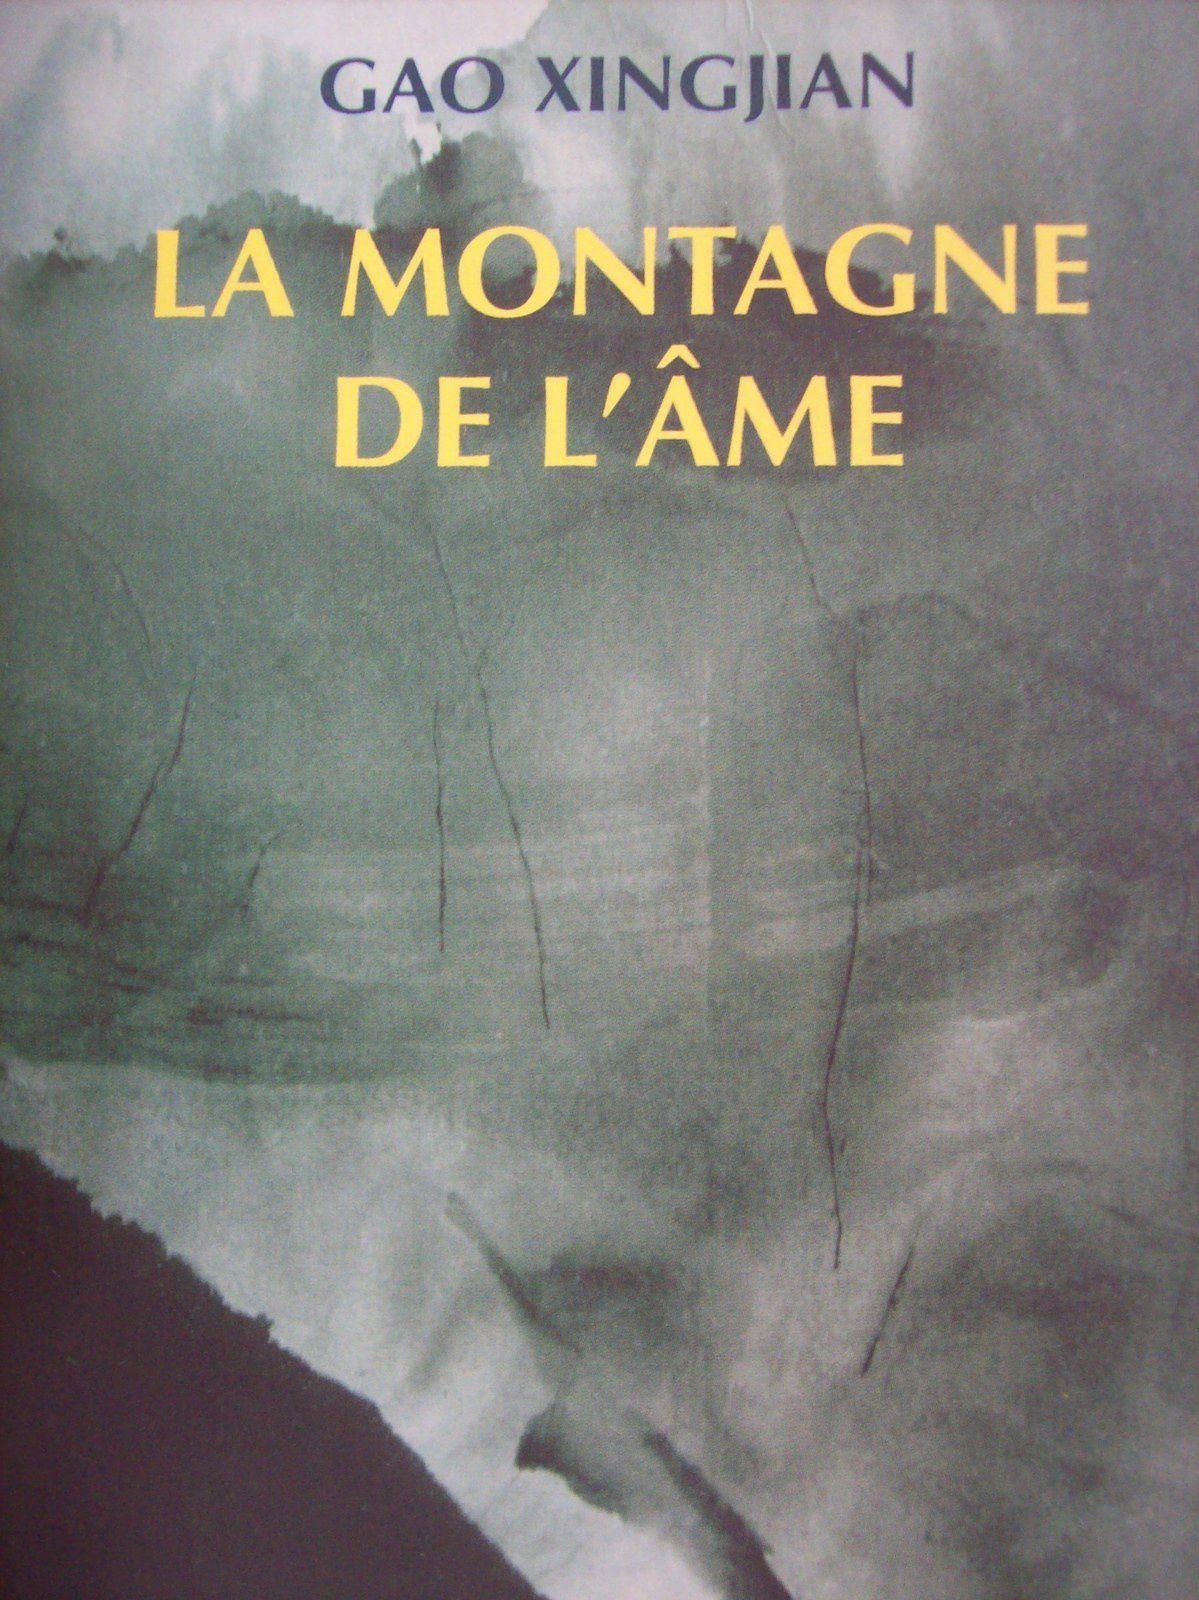 """Couverture de """"La Montagne de l'âme"""" de Gao Xingjian (ed l'aube poche, 2000.) Photos prises à Chamechaude par Régis Roux en août 2015."""